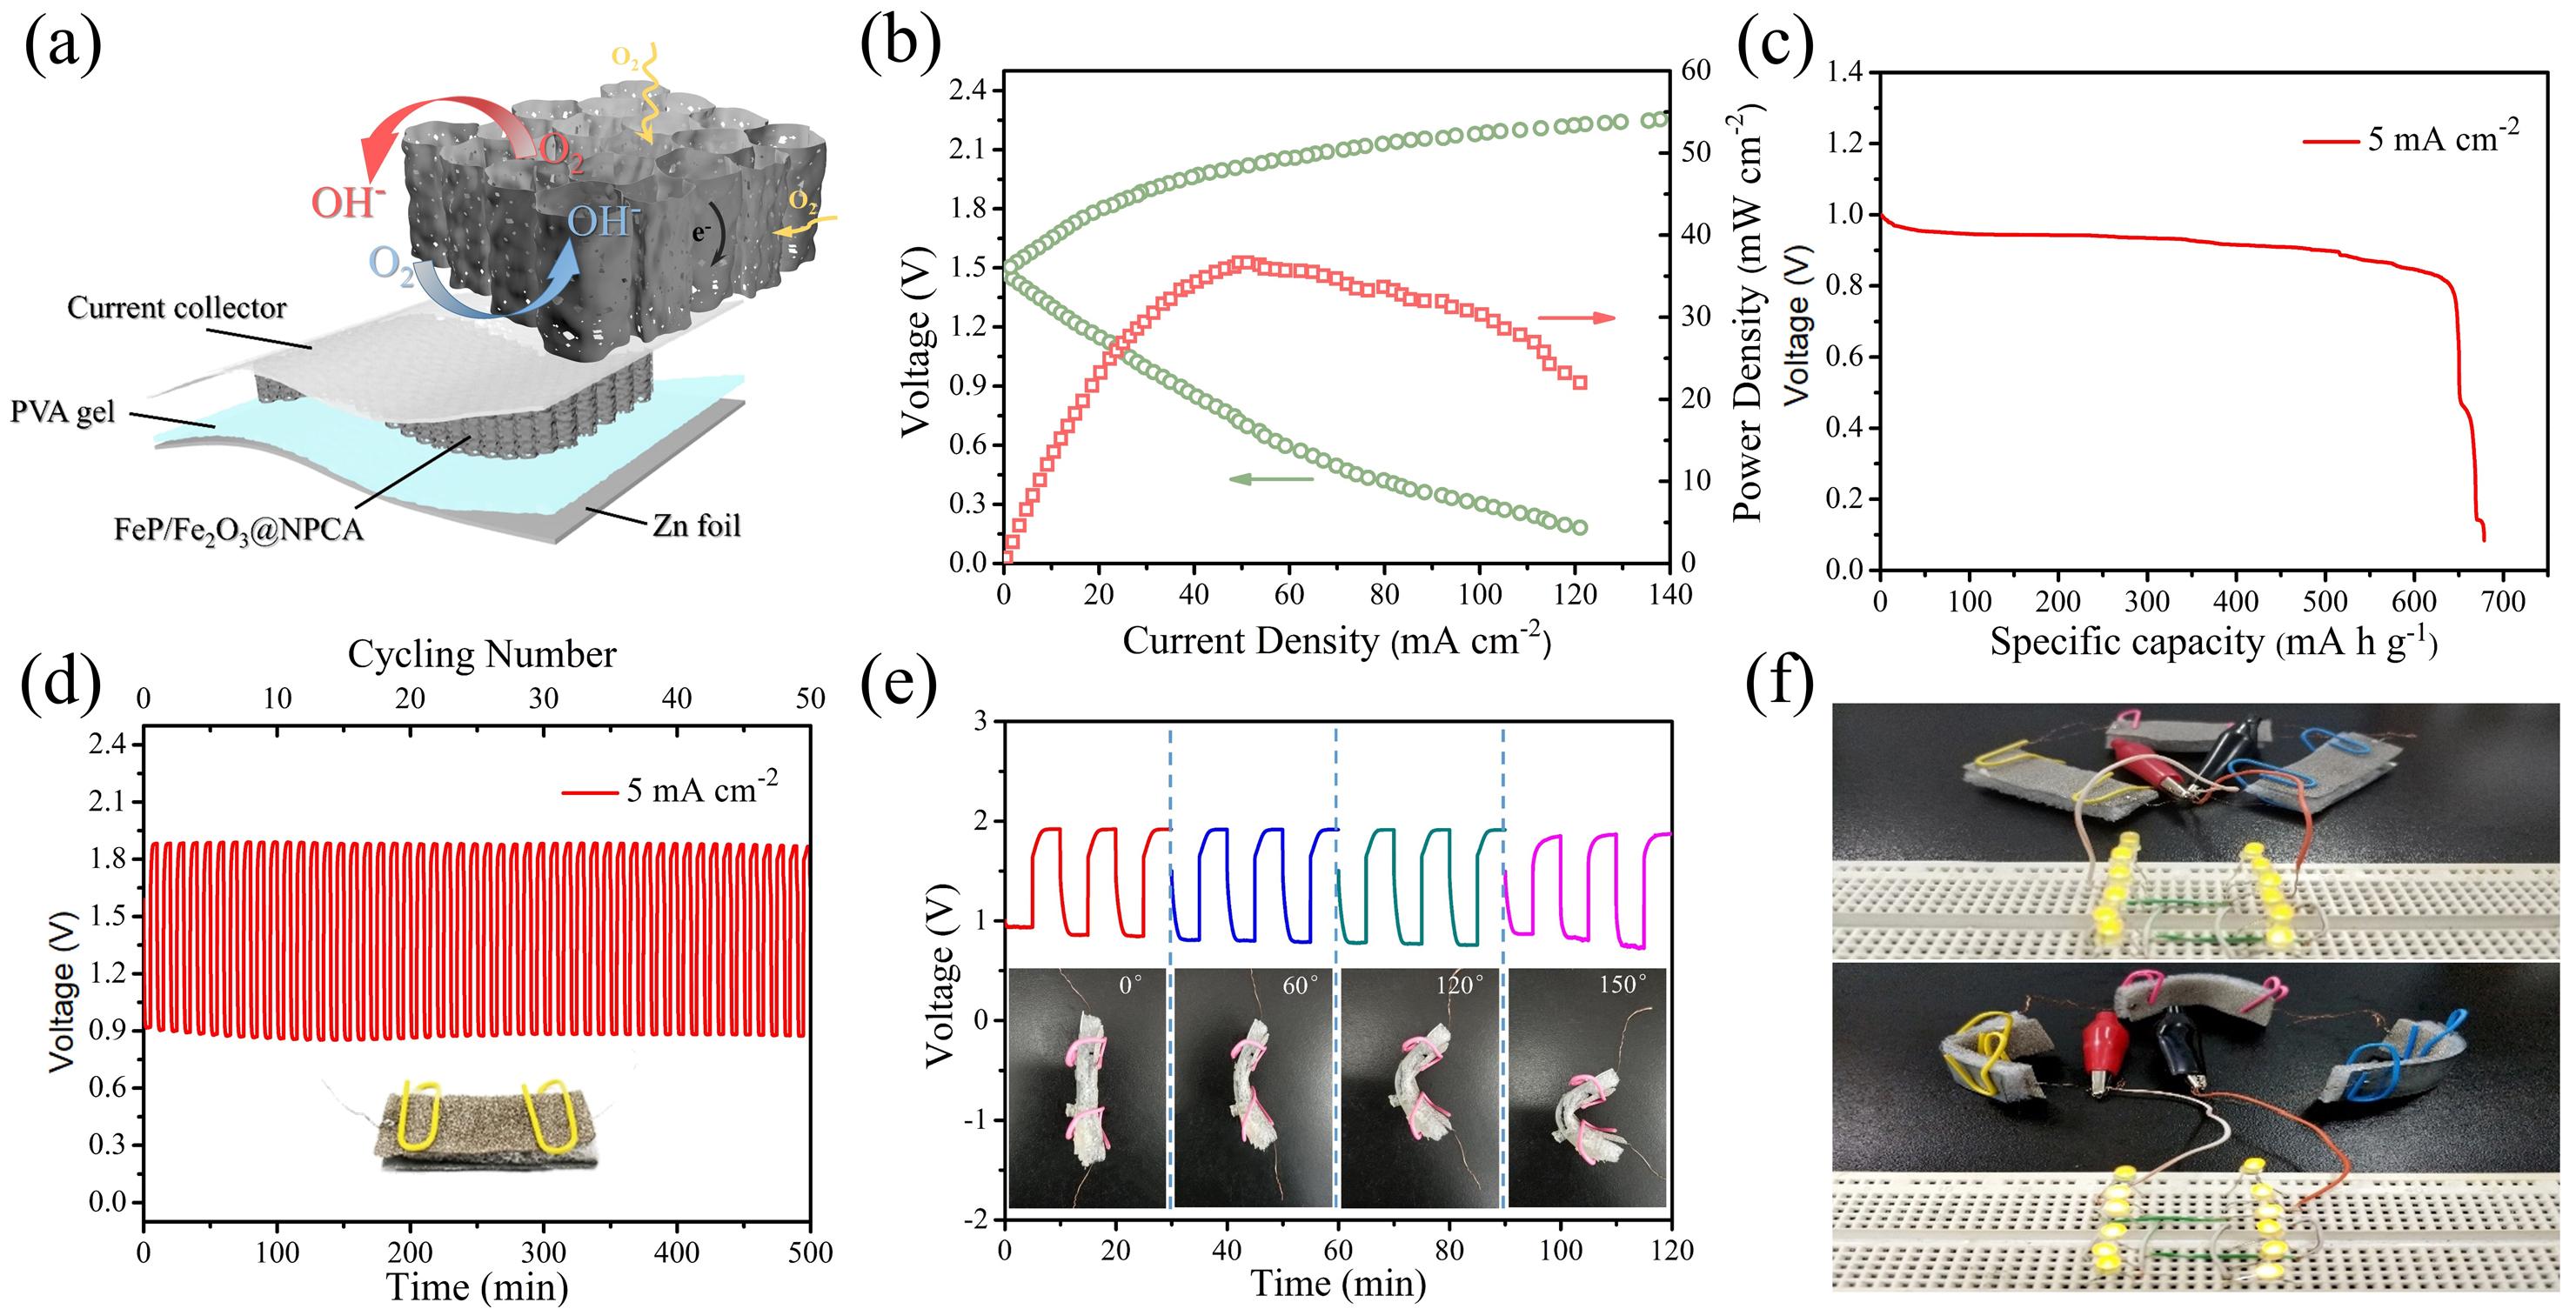 华南理工彭新文教授AM:可再生木材纤维素碳气凝胶用于柔性锌空电池体相电极